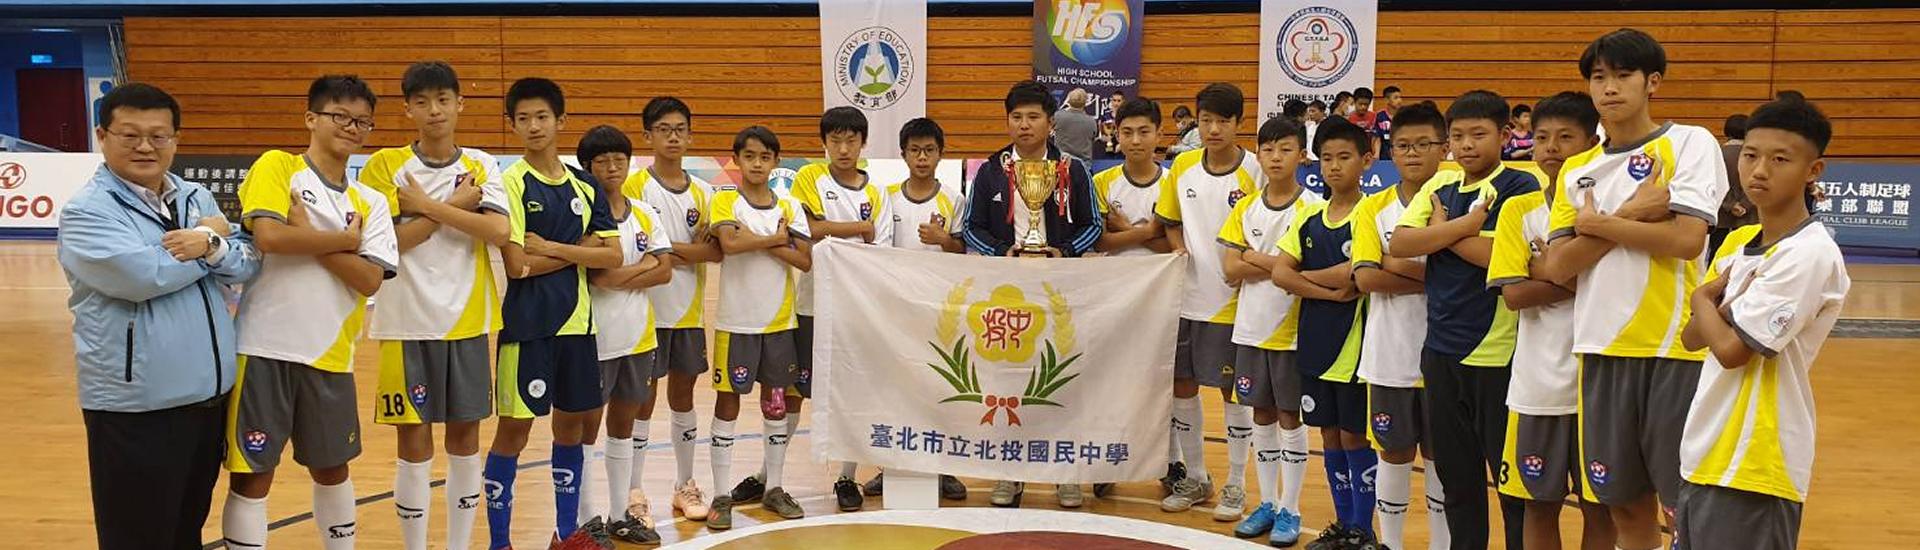 北投國男勇奪全國中等學校五人制足球錦標賽冠軍